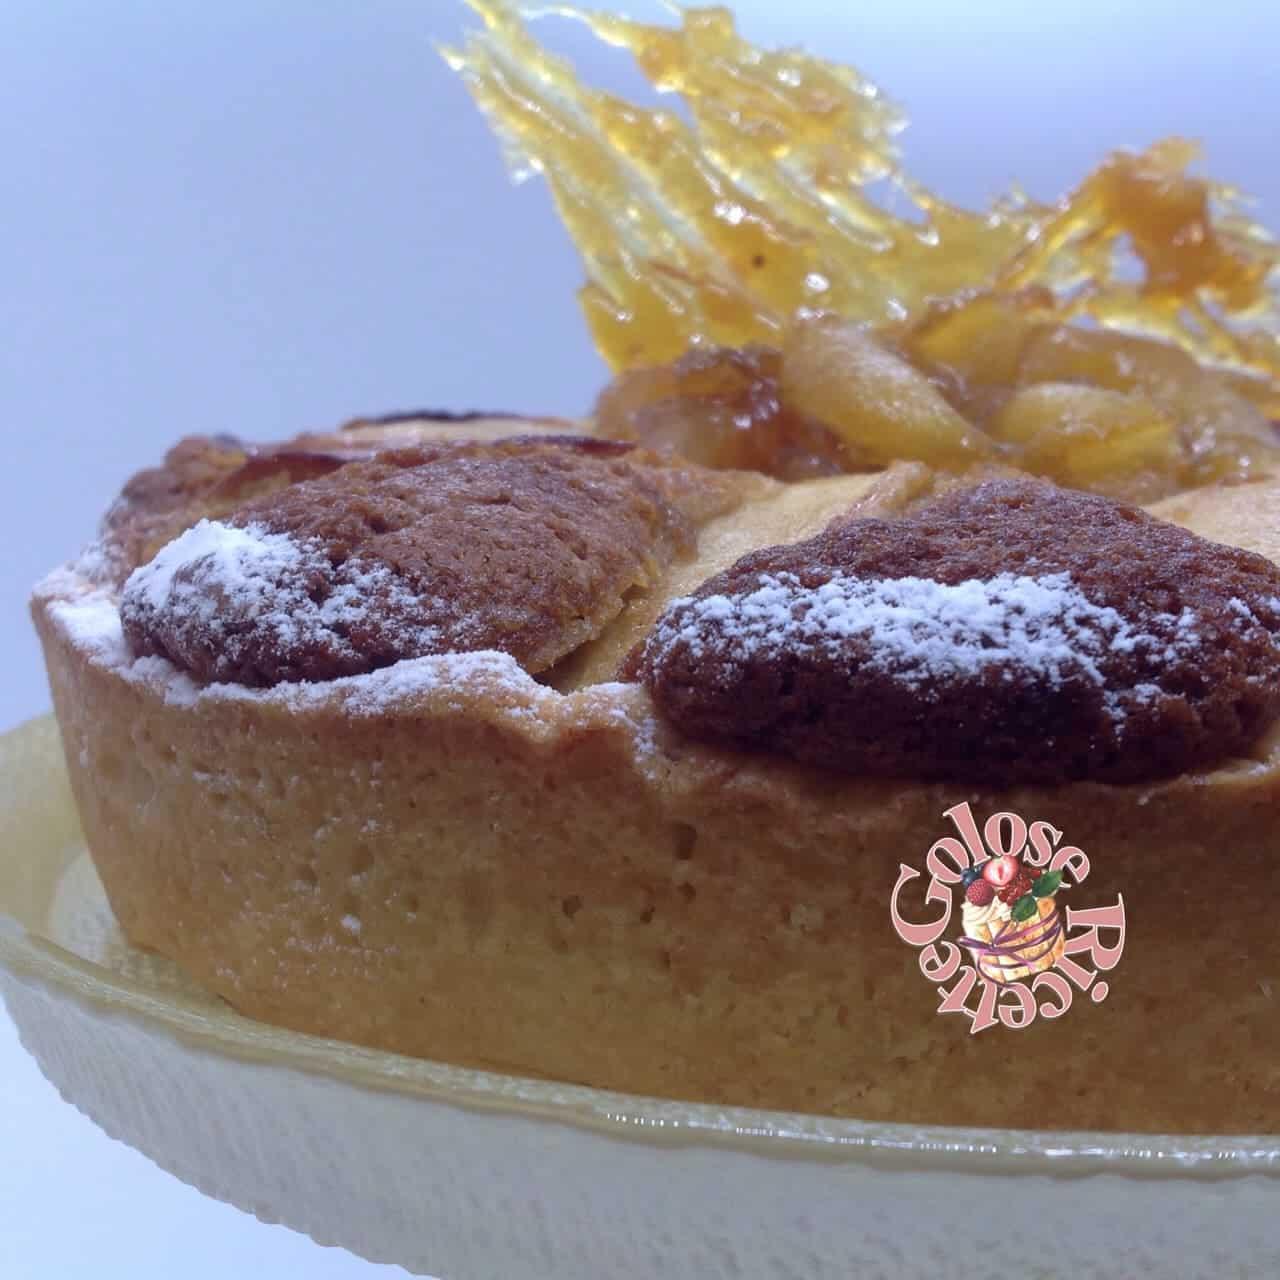 IMG_1045 IL DOLCE DI MELE - crostata o torta di mele